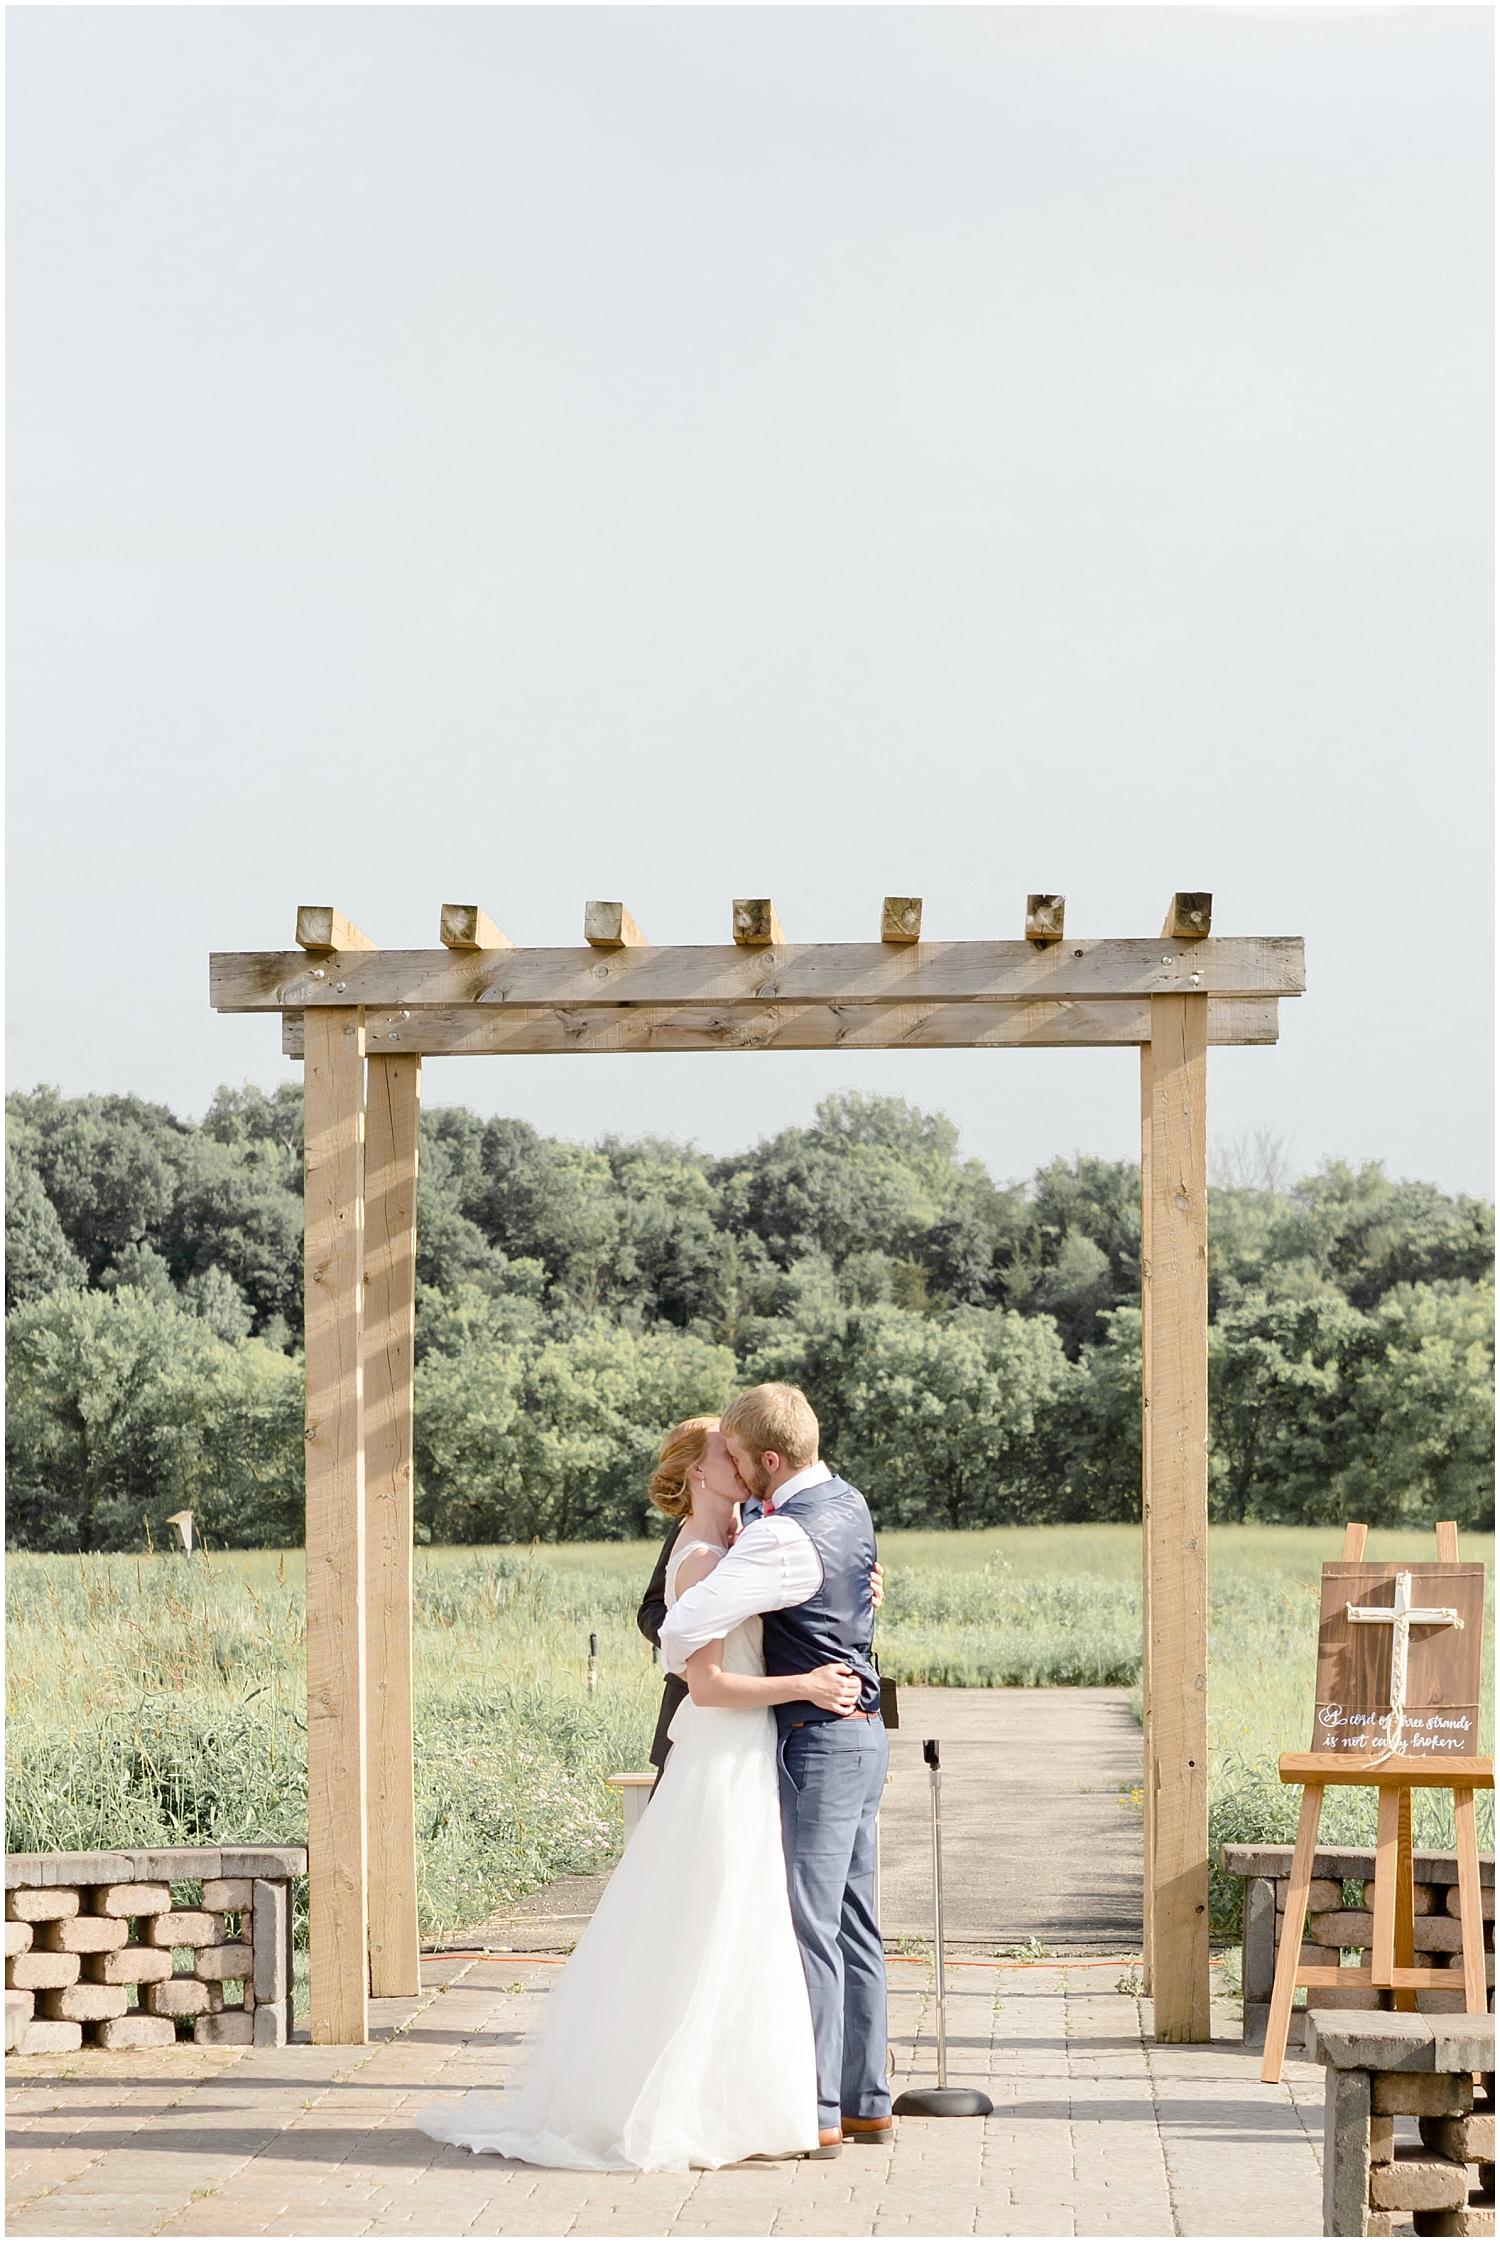 Chaska Wedding Venue MN. Bride and groom say I do and kiss